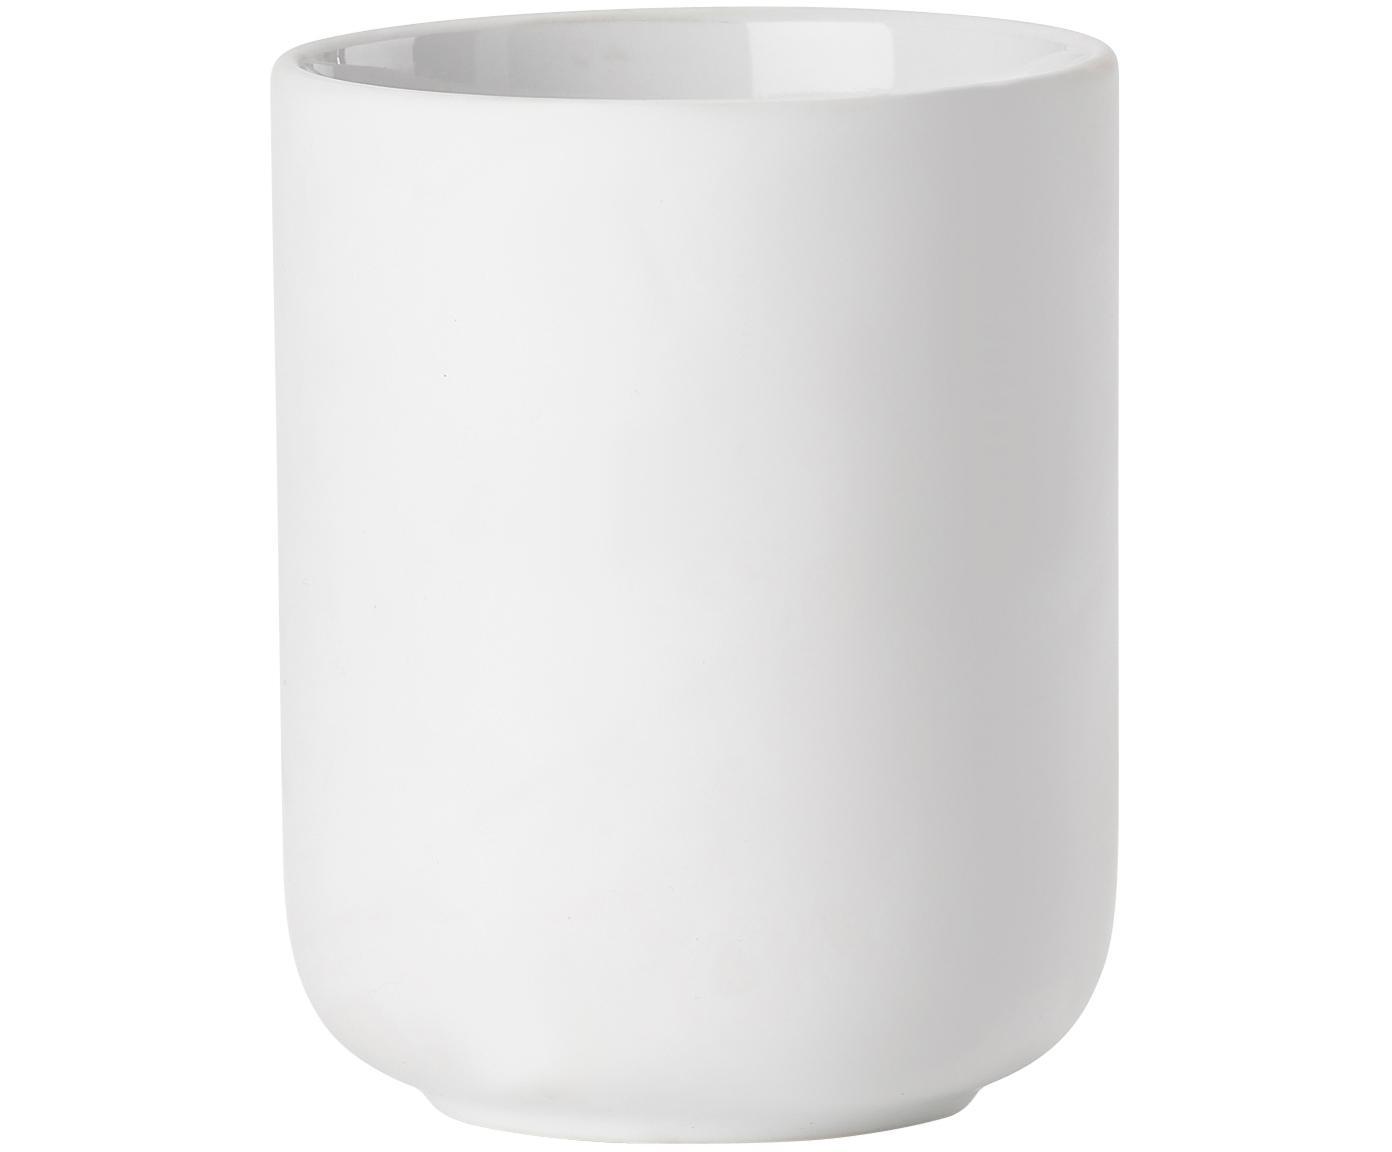 Vaso cepillo de dientes Ume, Gres revestido con superficie de tacto suave (plástico), Blanco, Ø 8 x Al 10 cm